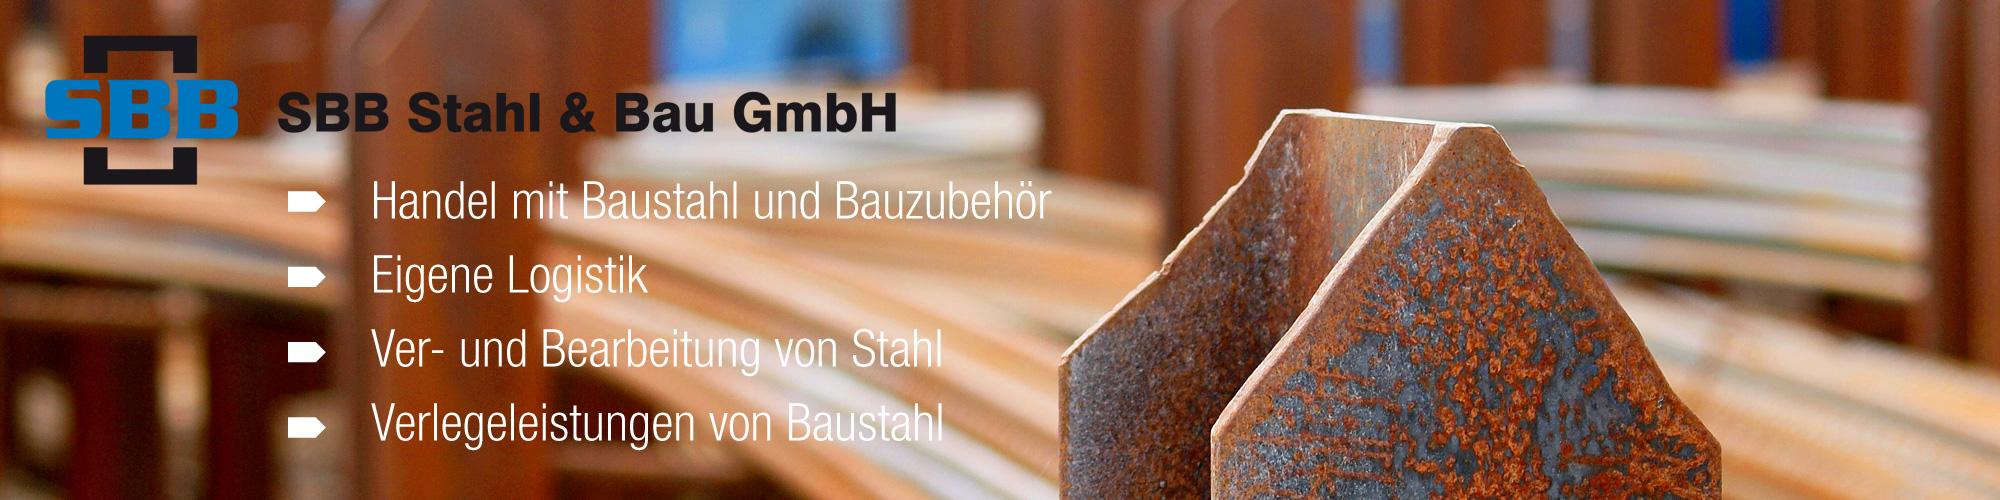 SBB Stahl & Bau GmbH Stahlbiegerei Berlin-Brandenburg geprüfter Stahllieferant